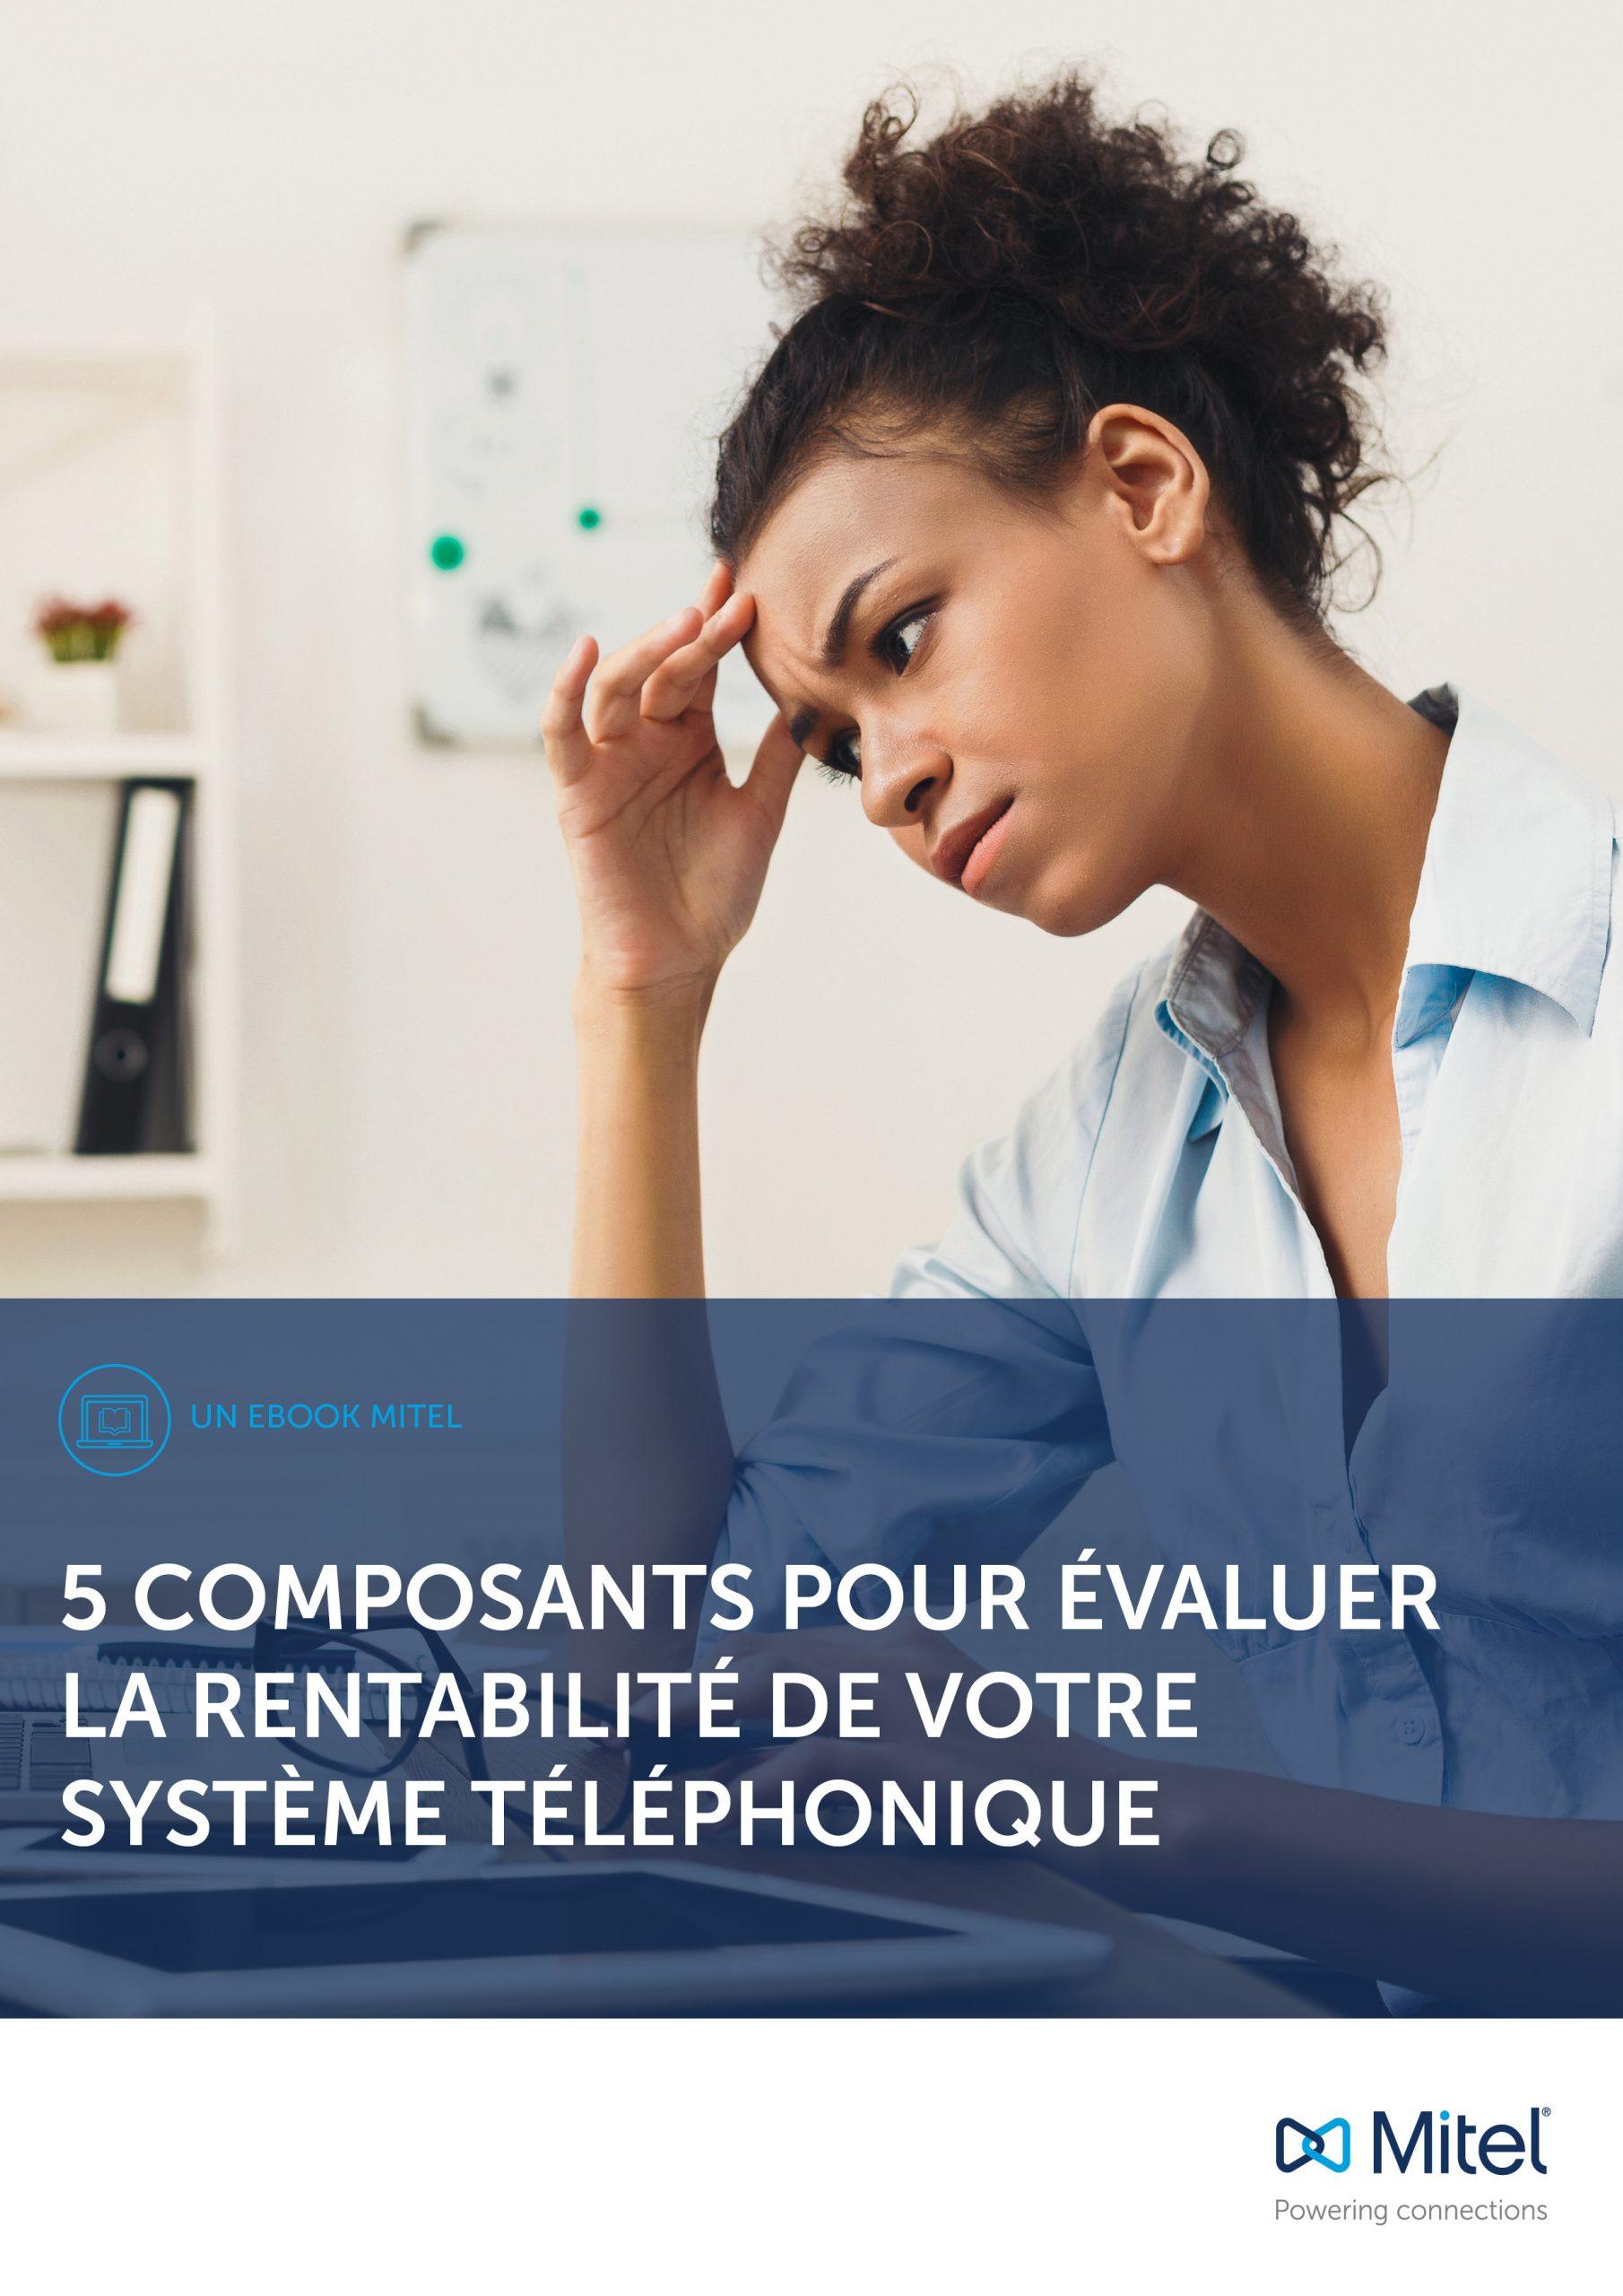 Evaluer la rentabilité de votre système téléphonique grâce à ces 5 composants clés.